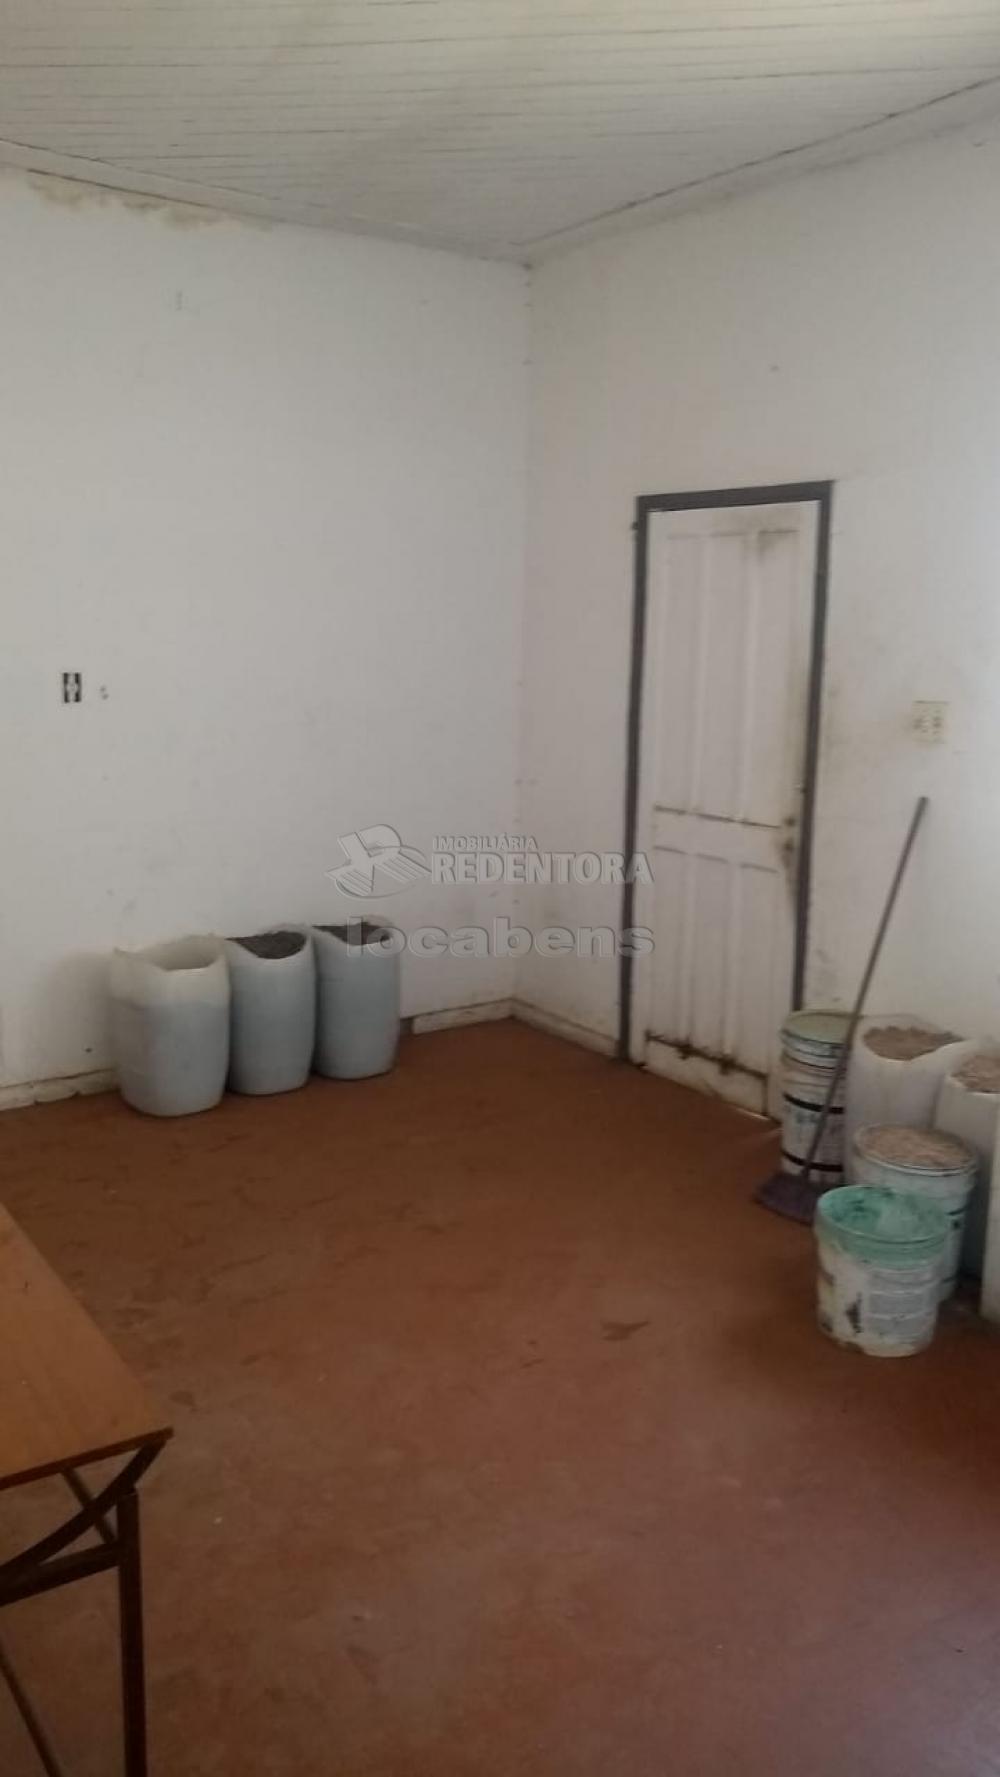 Alugar Comercial / Casa Comercial em São José do Rio Preto apenas R$ 1.500,00 - Foto 5